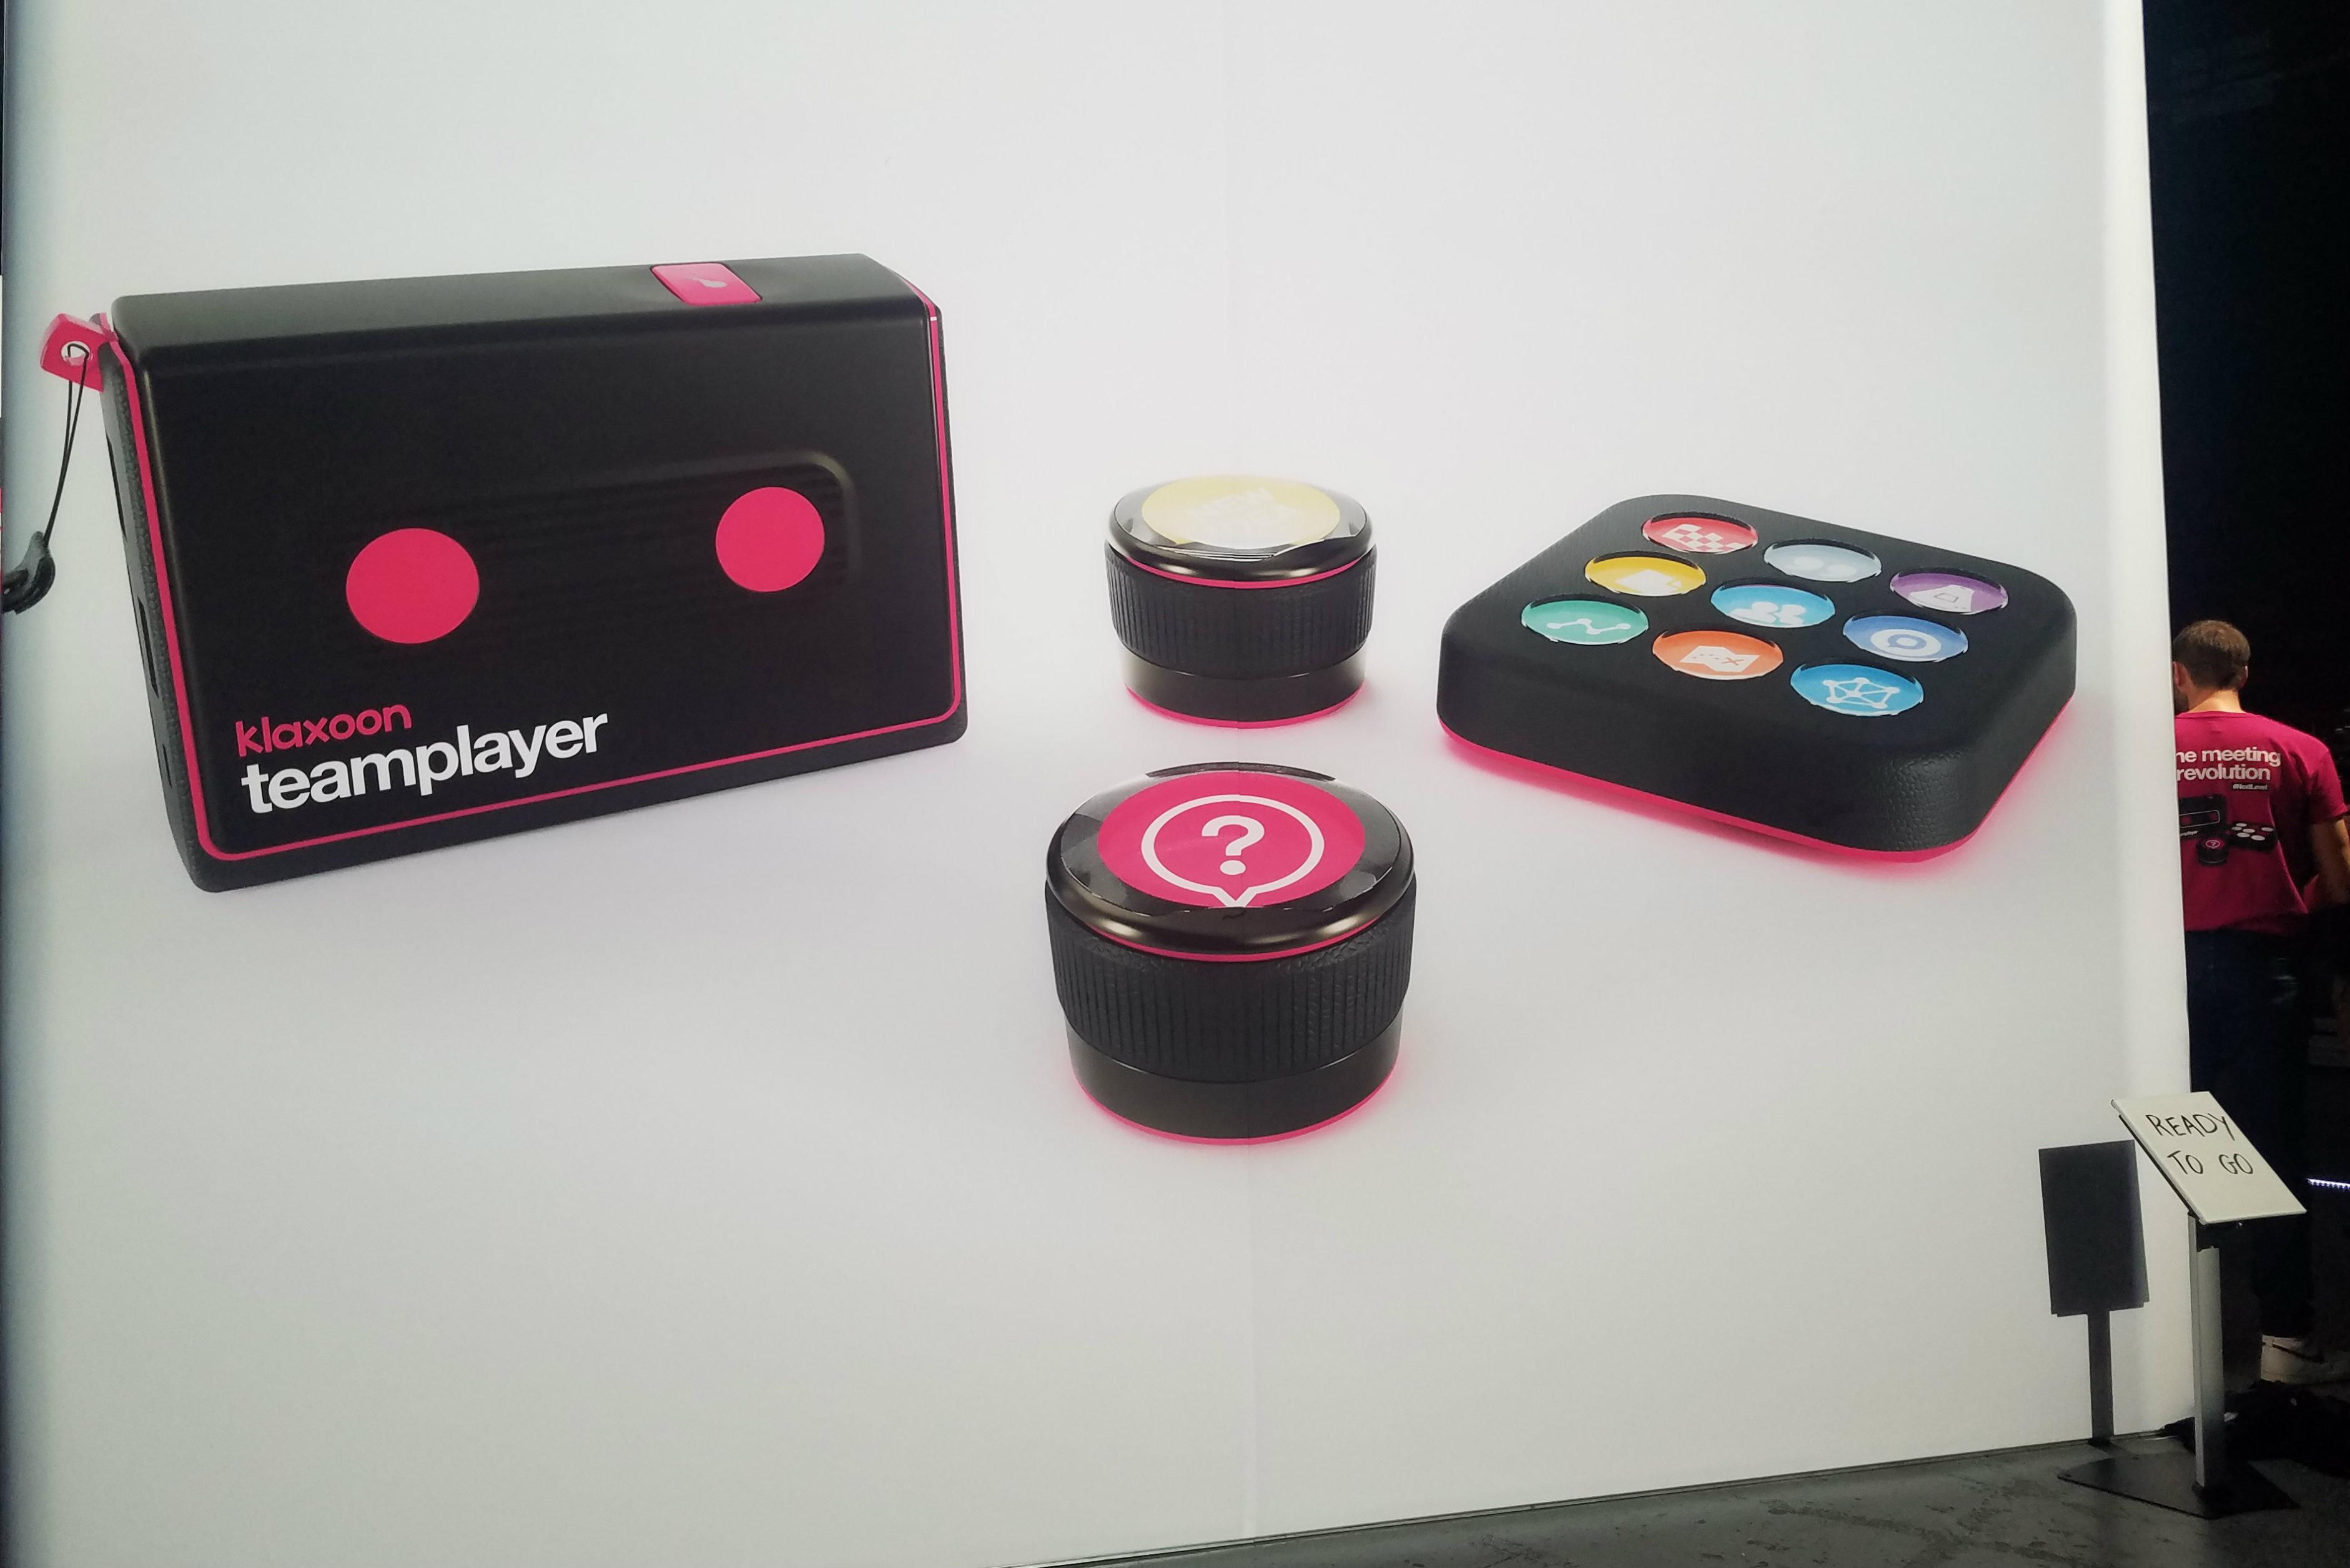 [CES 2020] Klaxoon élargit son offre avec Teamplayer, un outil qui rend les écrans intelligents